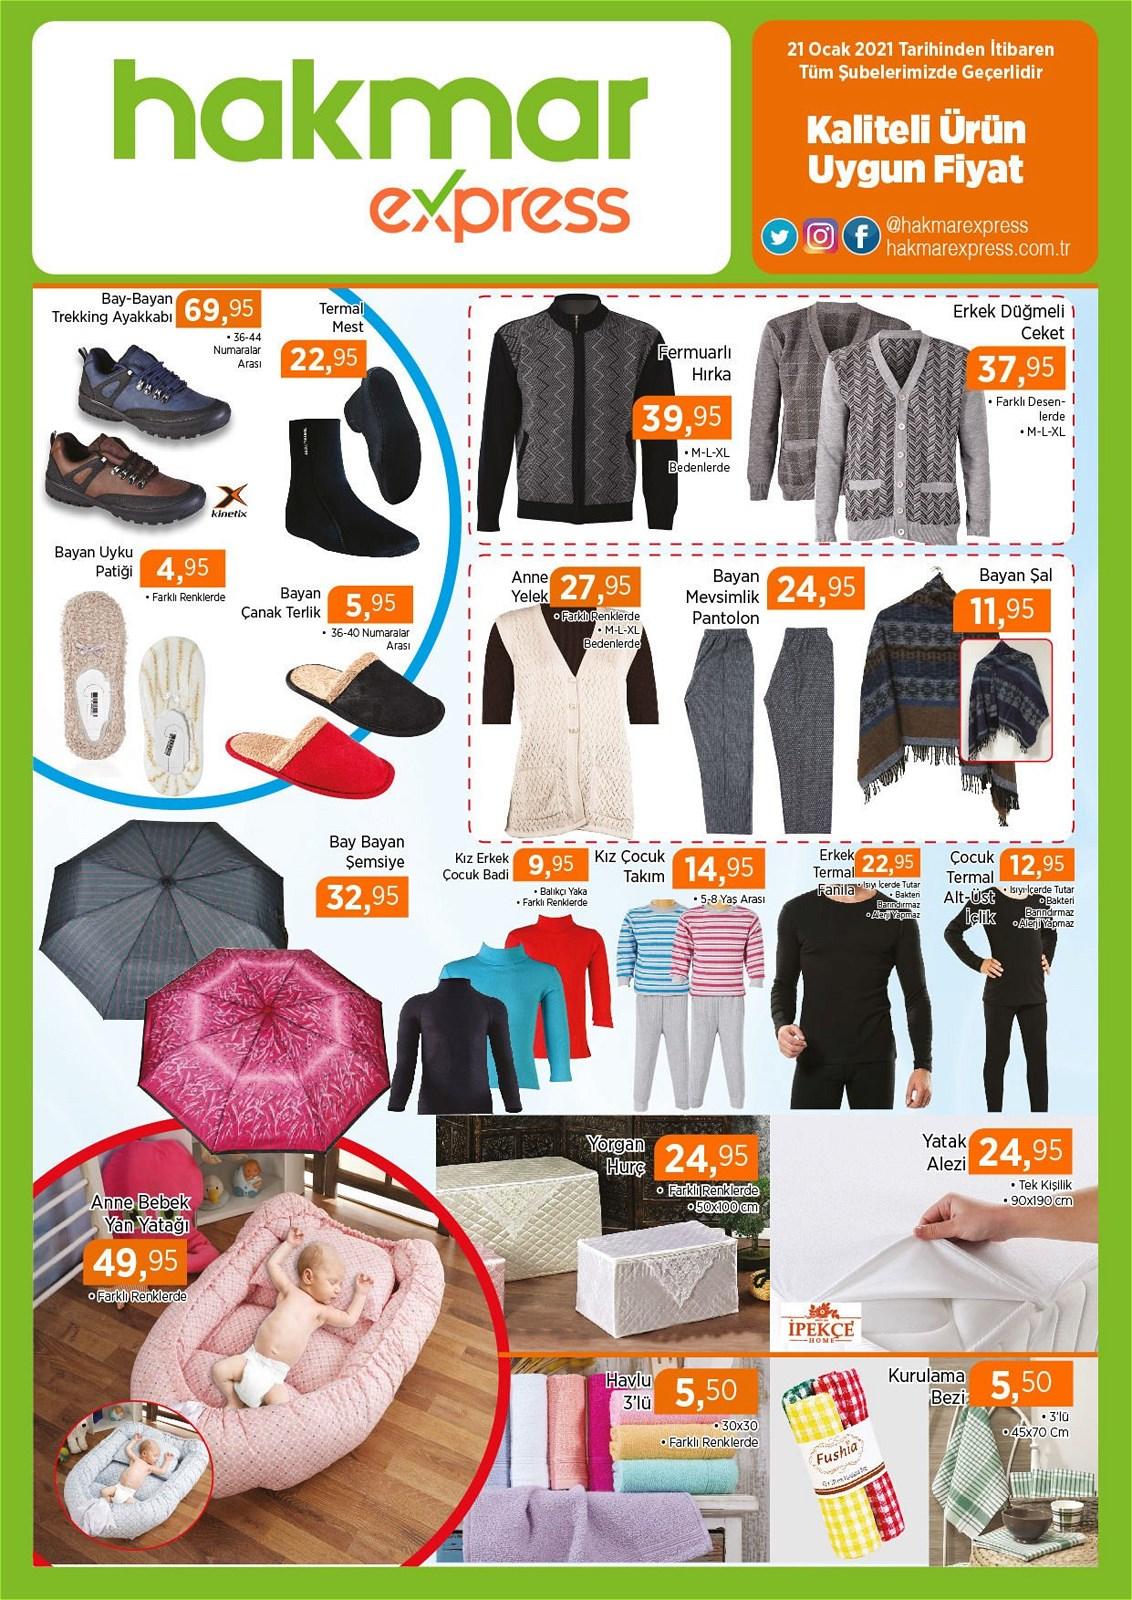 21.01.2021 Hakmar Express broşürü 3. sayfa